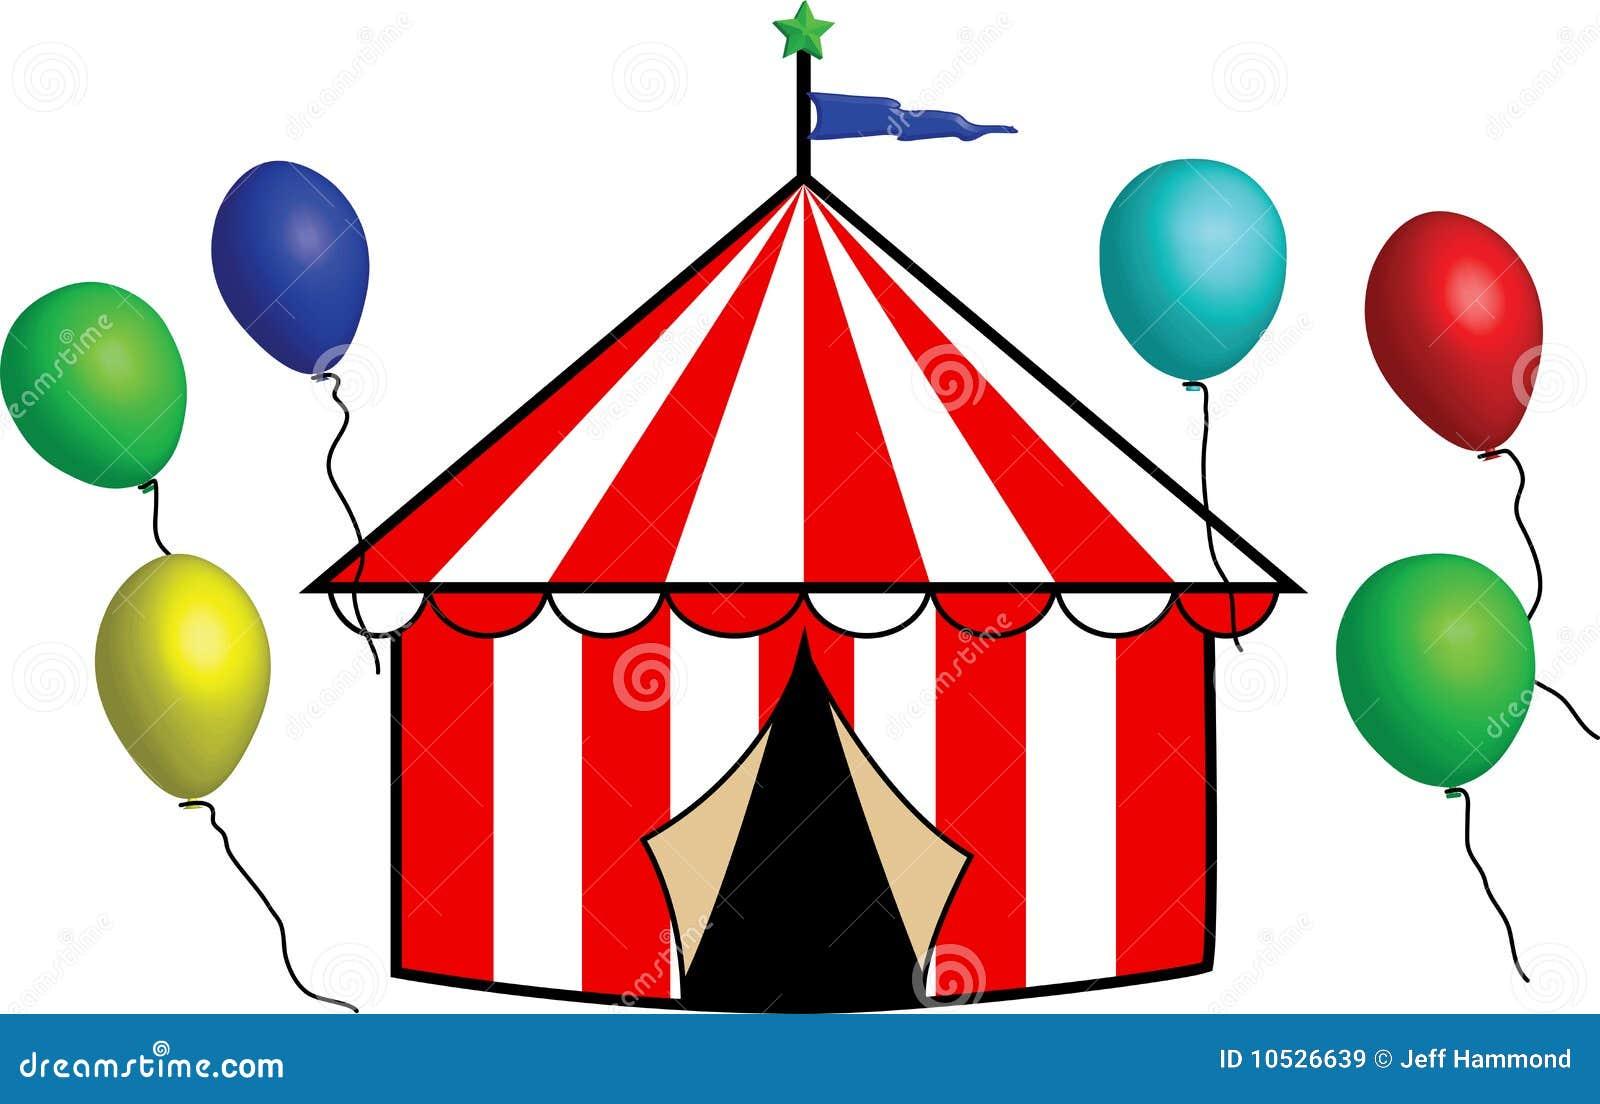 helles gestreiftes zirkus zelt mit ballonen stock circus tent clip art images free circus tent clip art images free